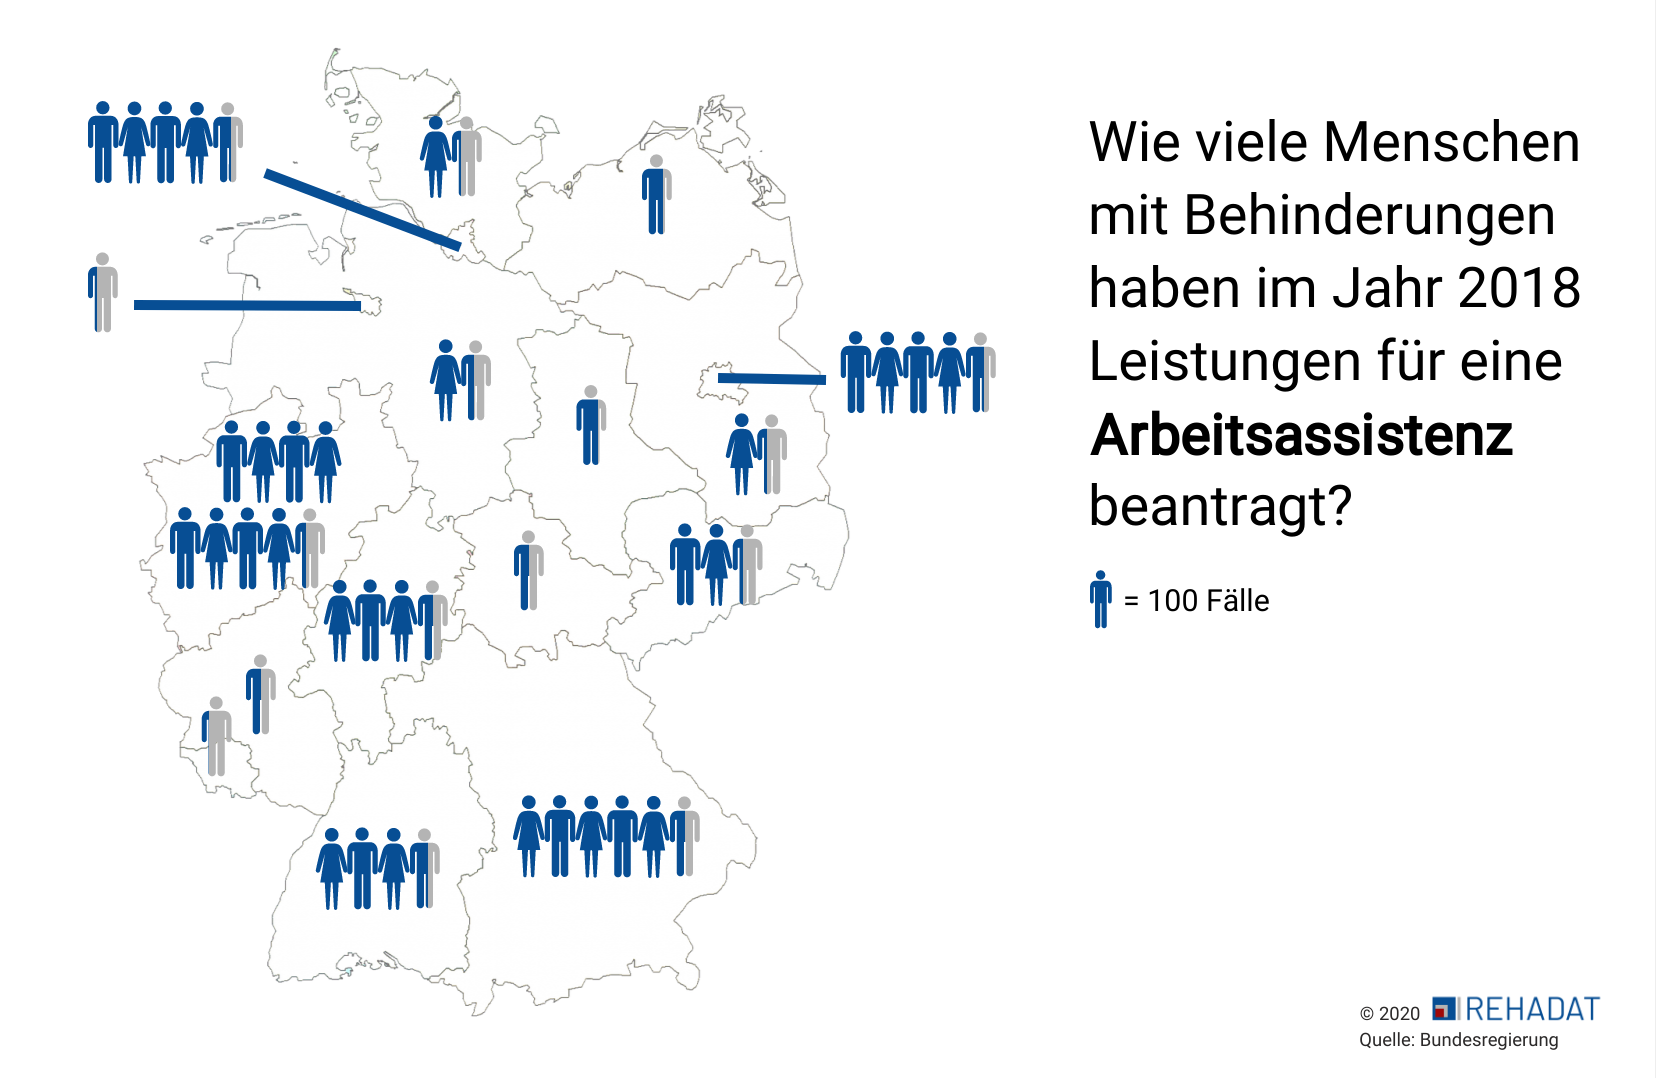 Die Grafik zeigt die Fallzahlen der Tabelle grafisch mit Strichmännchen auf einer Deutschlandkarte